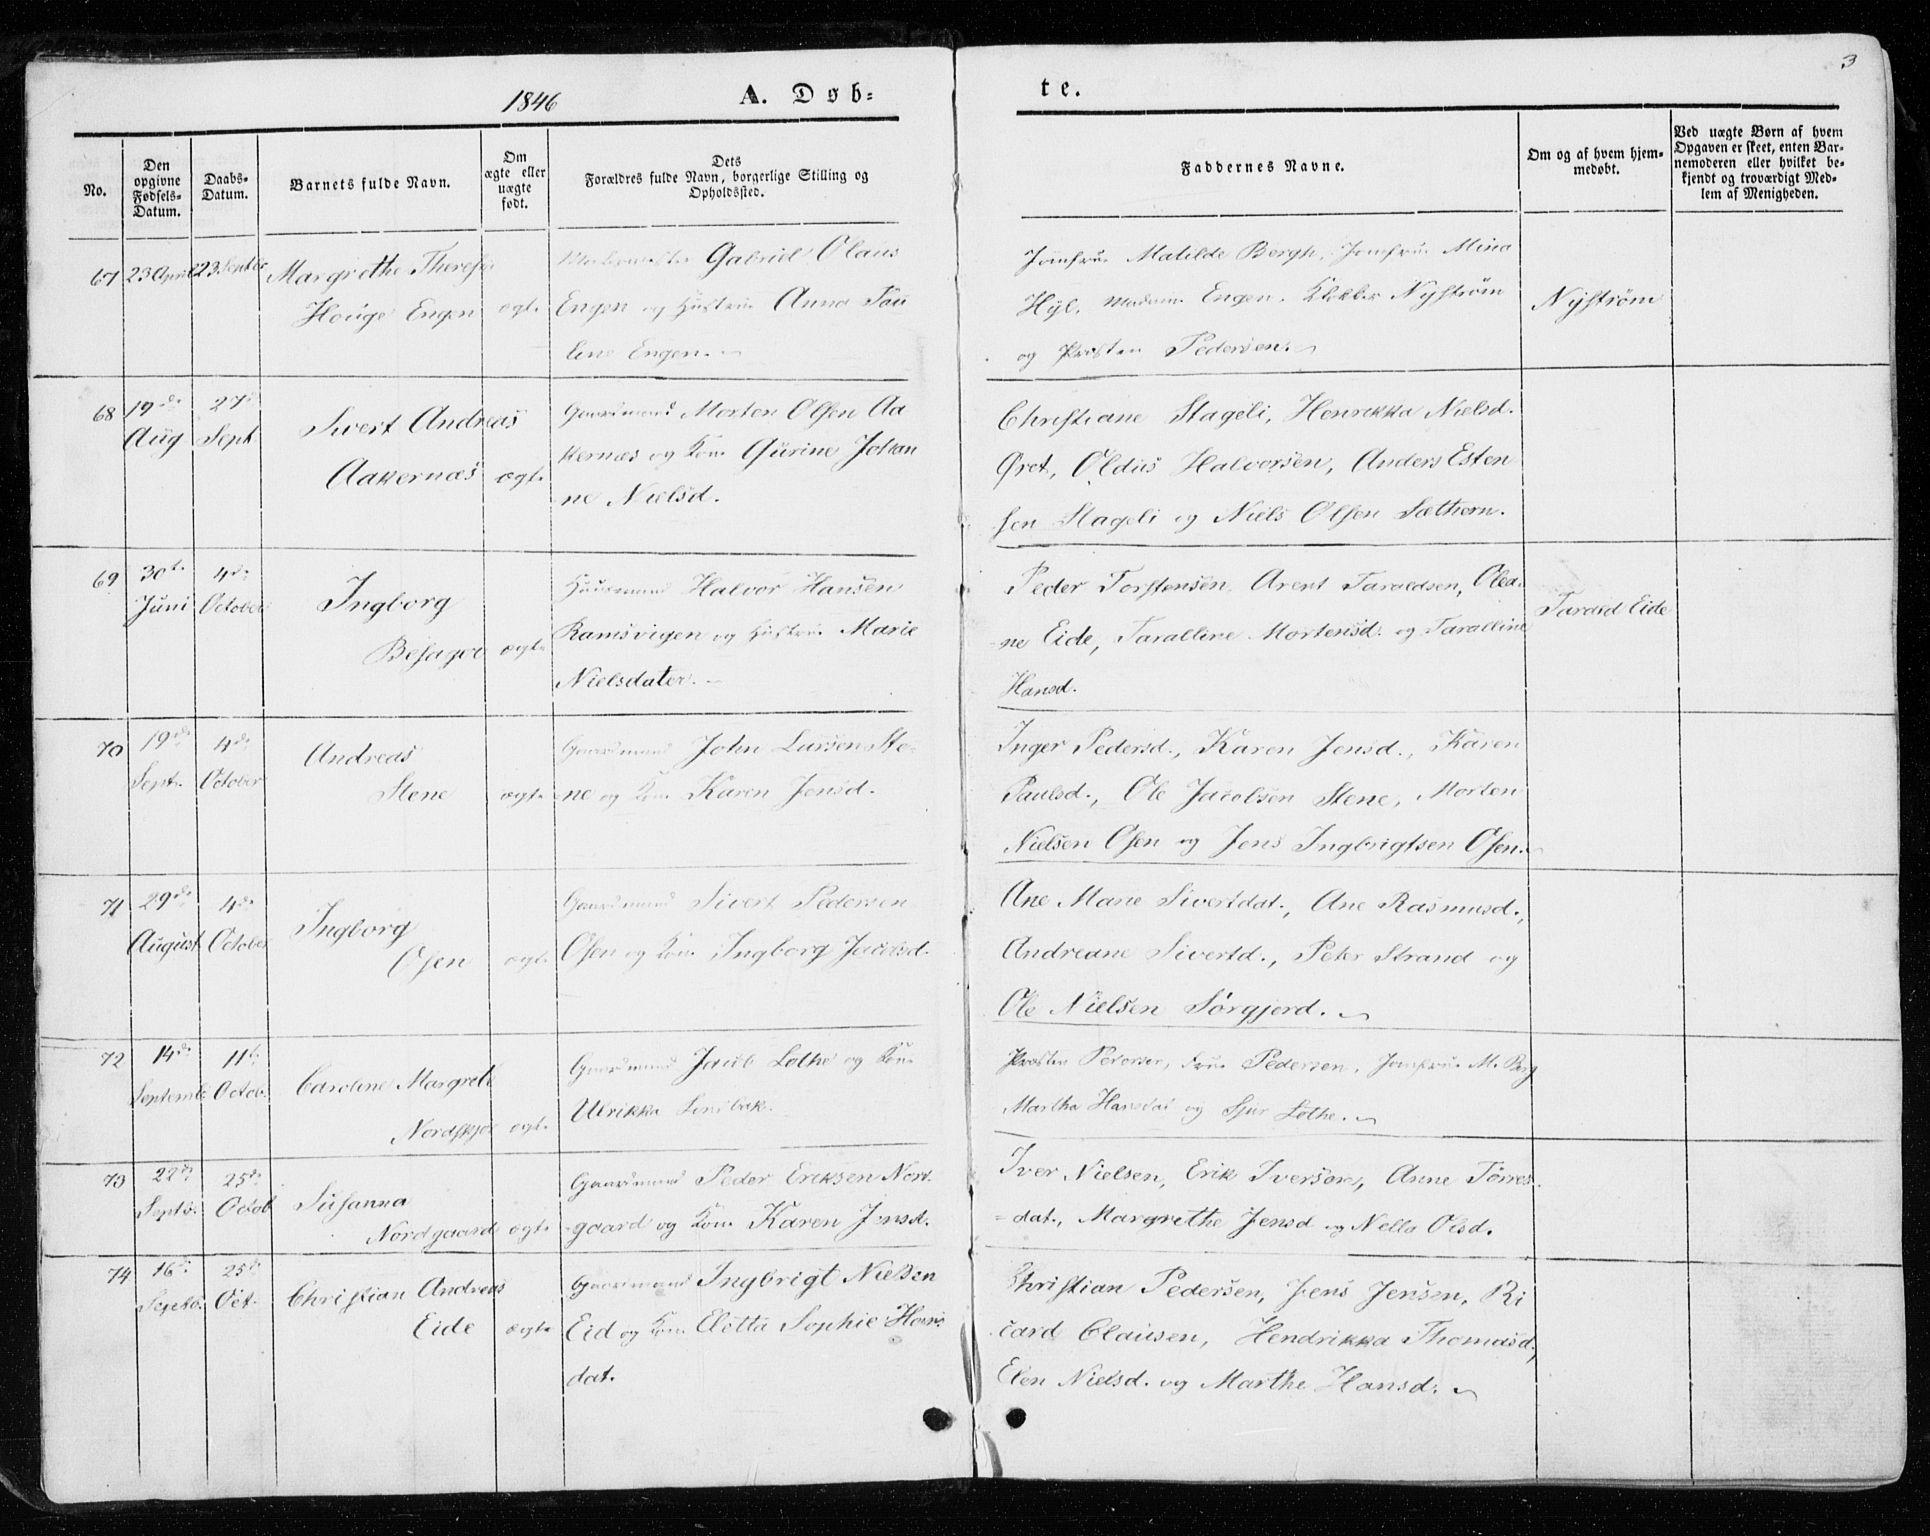 SAT, Ministerialprotokoller, klokkerbøker og fødselsregistre - Sør-Trøndelag, 657/L0704: Ministerialbok nr. 657A05, 1846-1857, s. 3